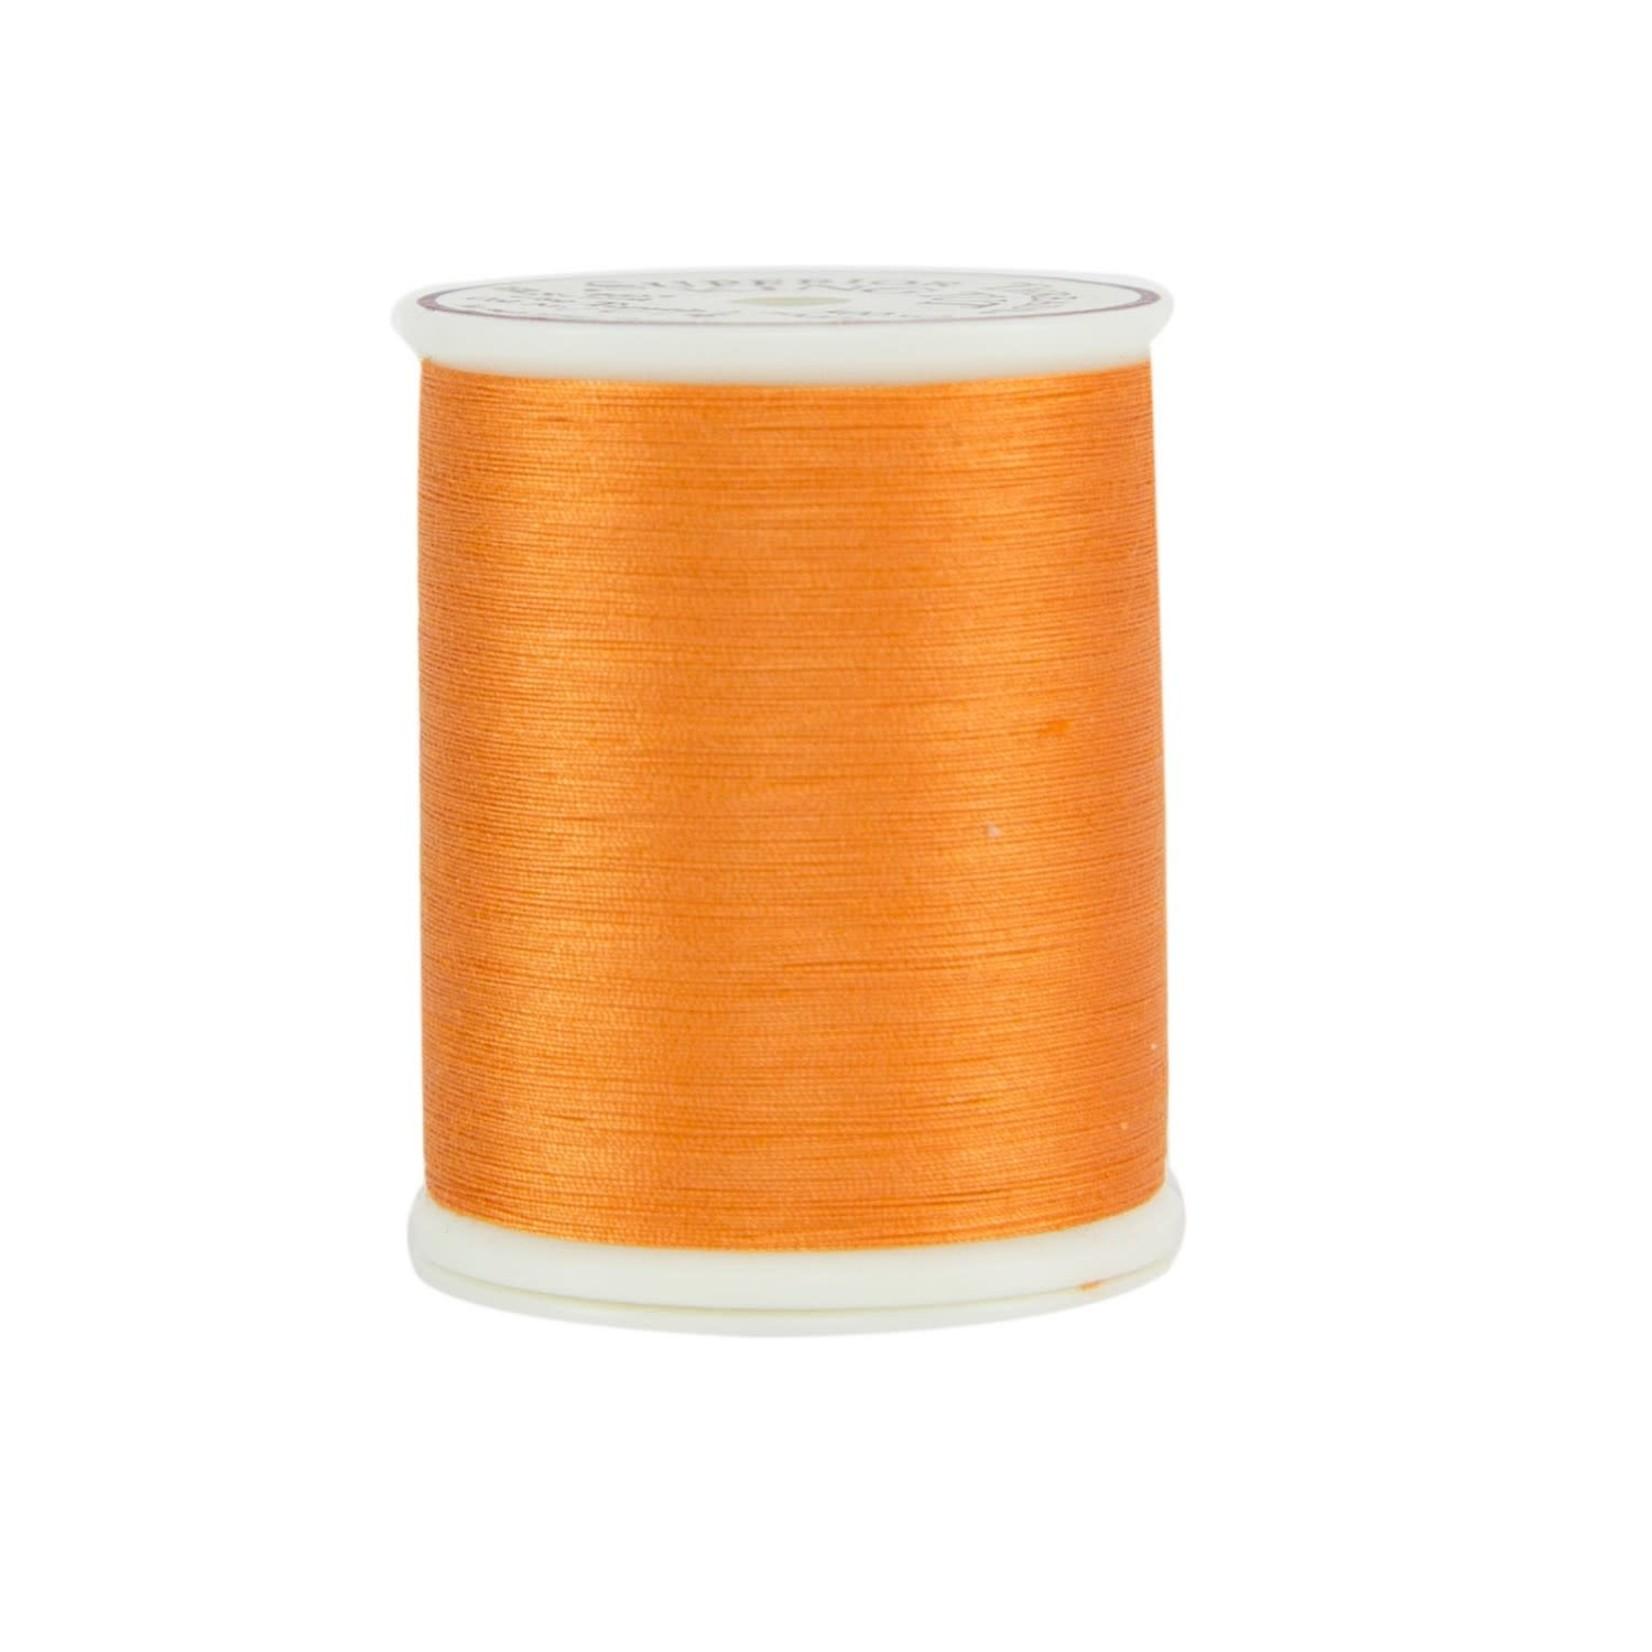 Superior Threads King Tut - #40 - 457 m - 1014 Orange Zest